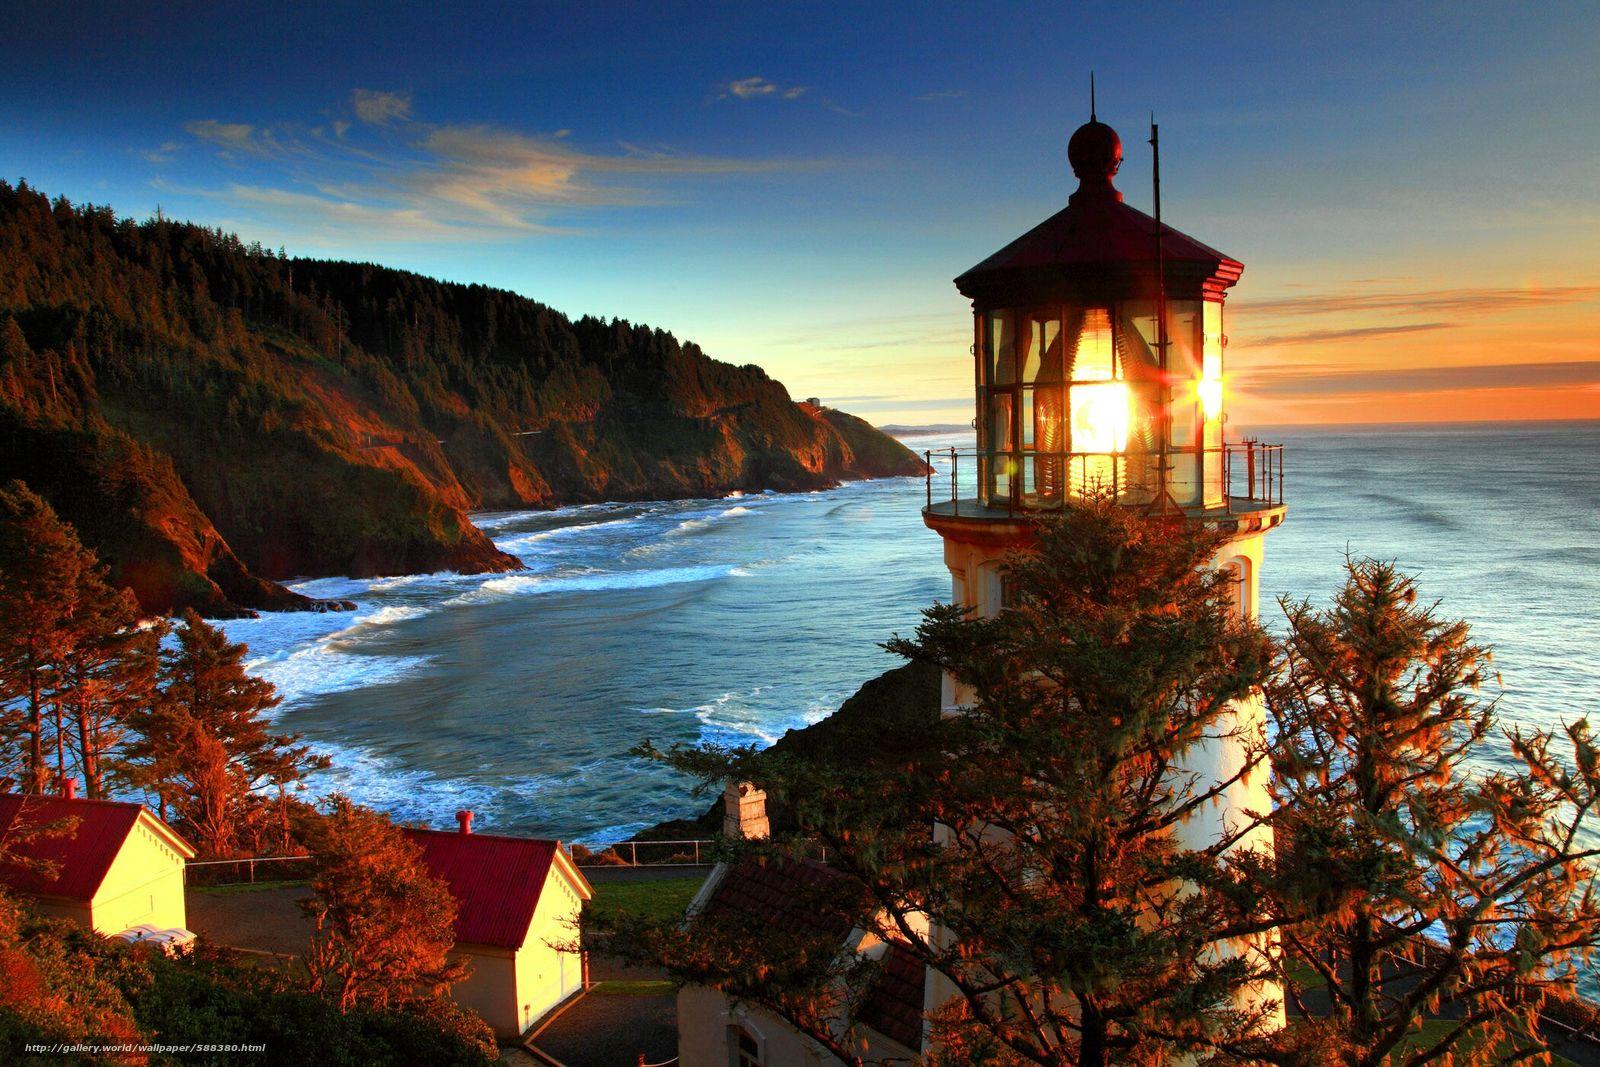 Скачать обои побережье,  море,  природа,  маяк бесплатно для рабочего стола в разрешении 2100x1400 — картинка №588380